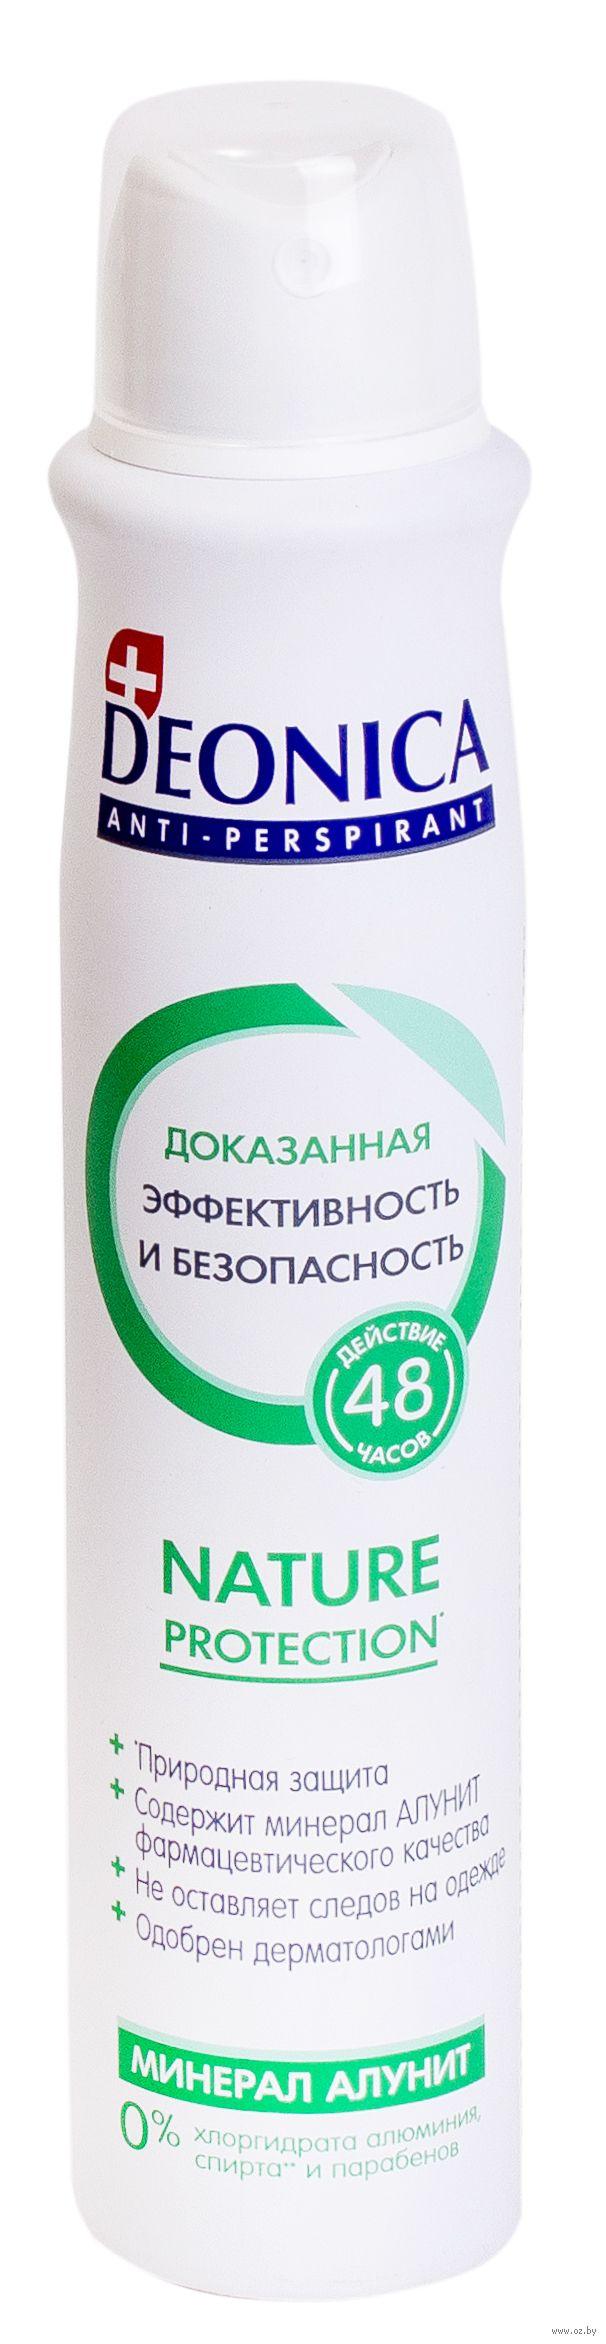 Эффективный дезодорант для женщин